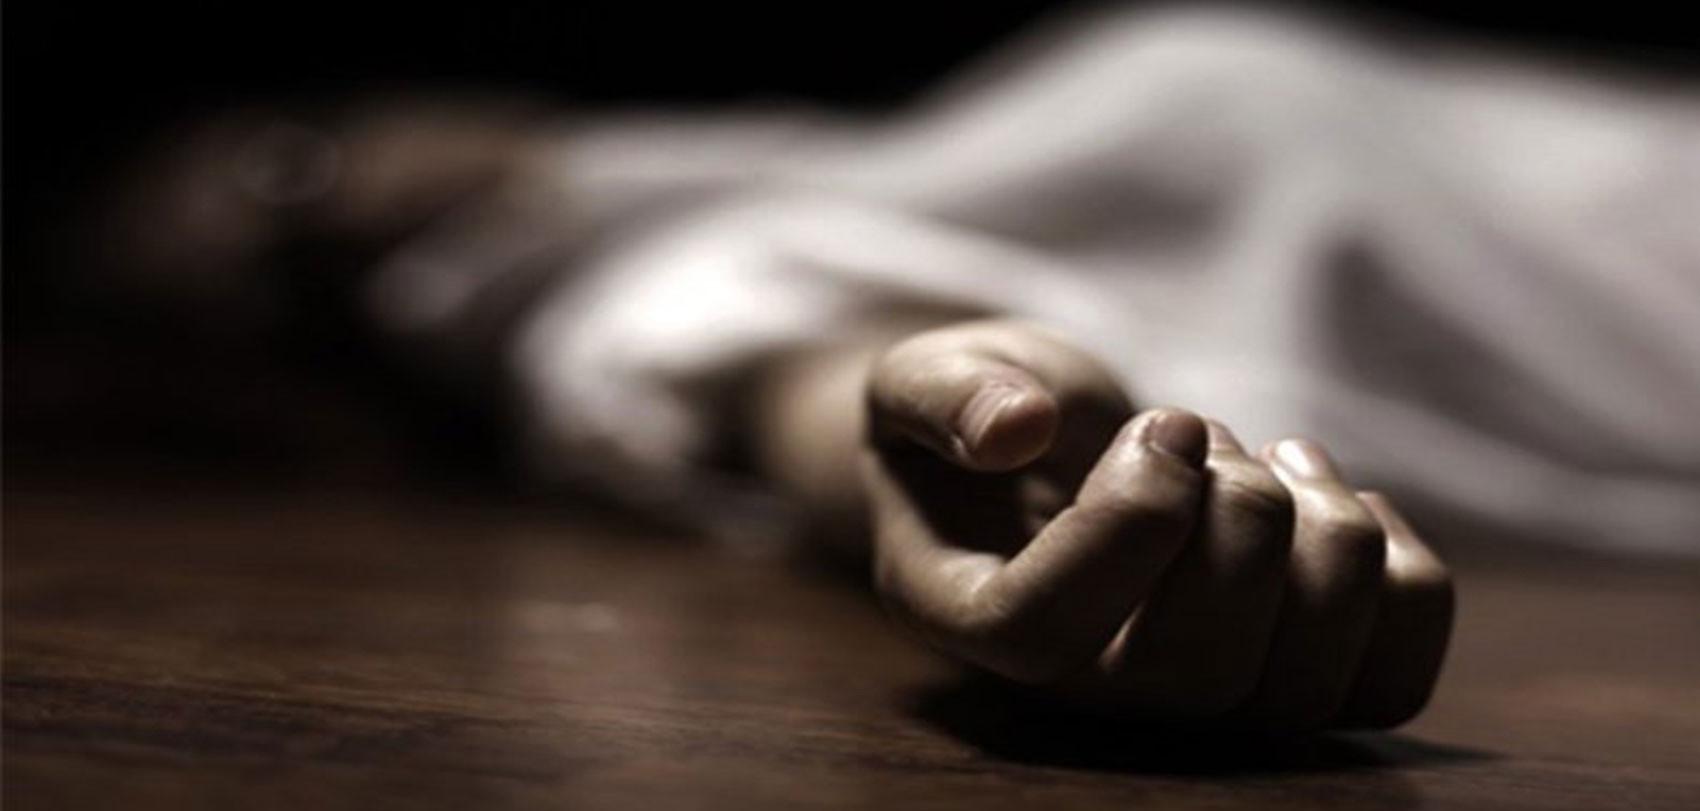 बूढीगंगा नदीमा डुबेर बालिकाको मृत्यु